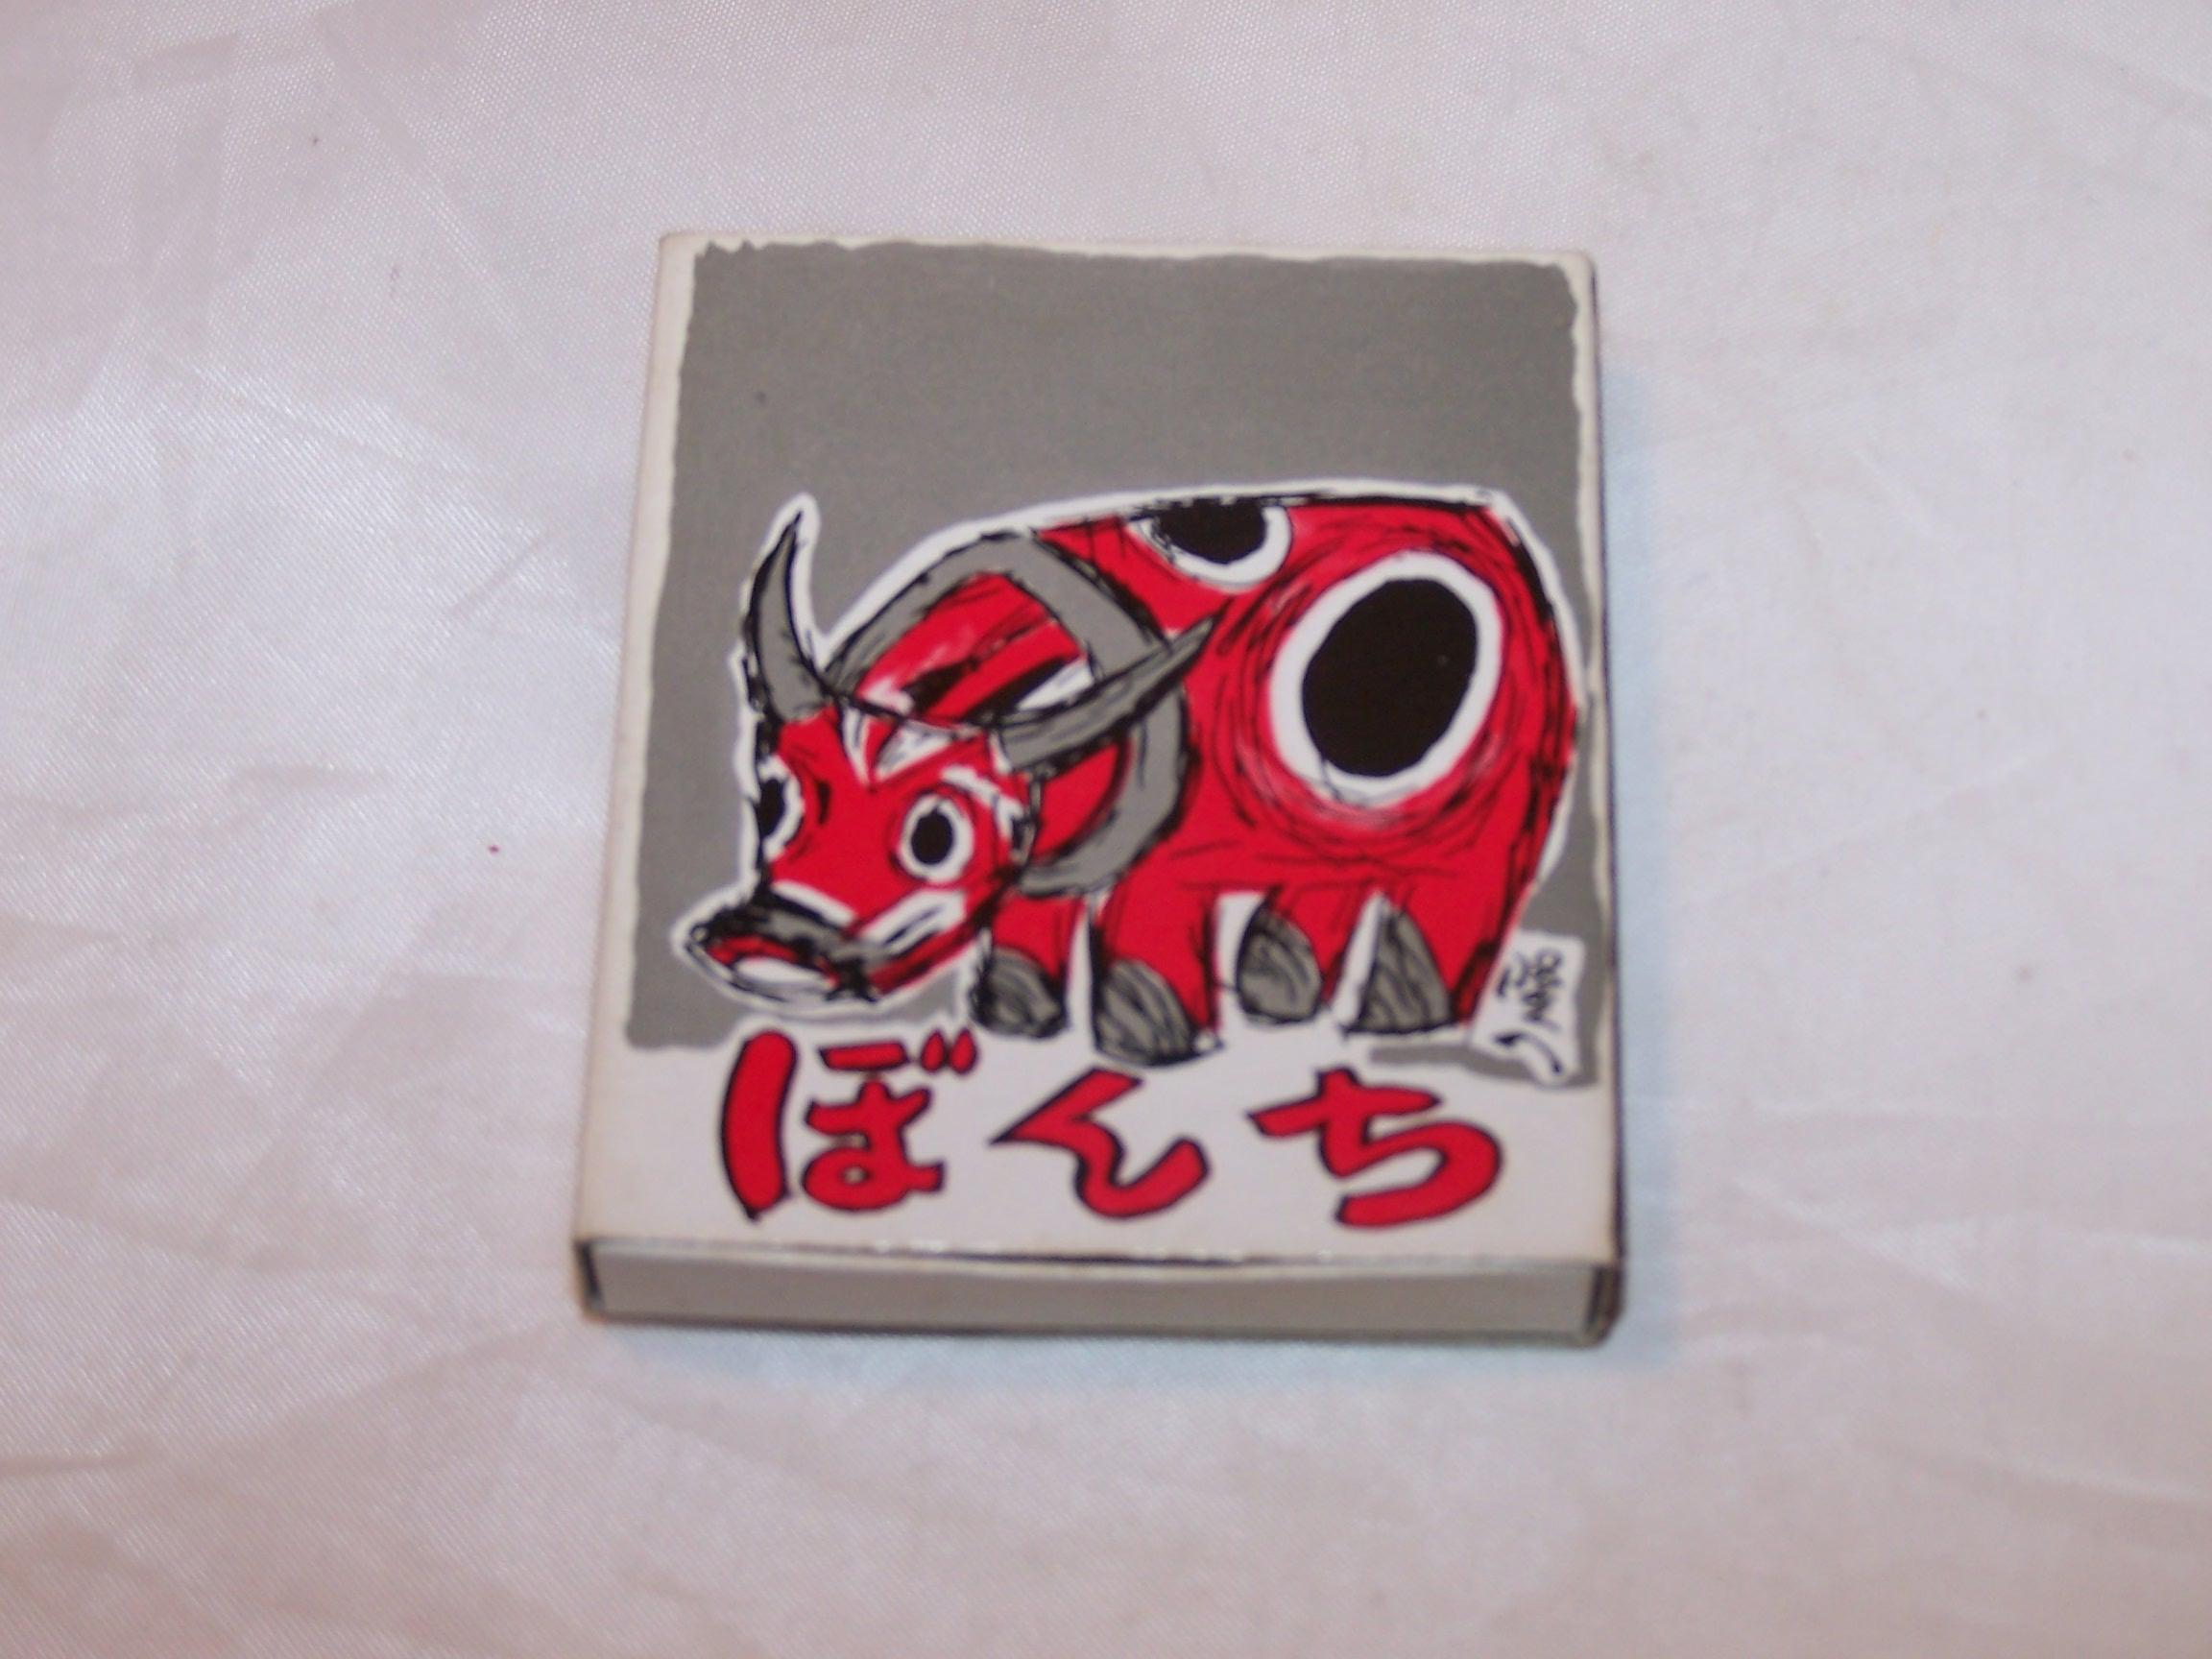 Cara Kala Toyko, Japan, Matchbox, Vintage FREE